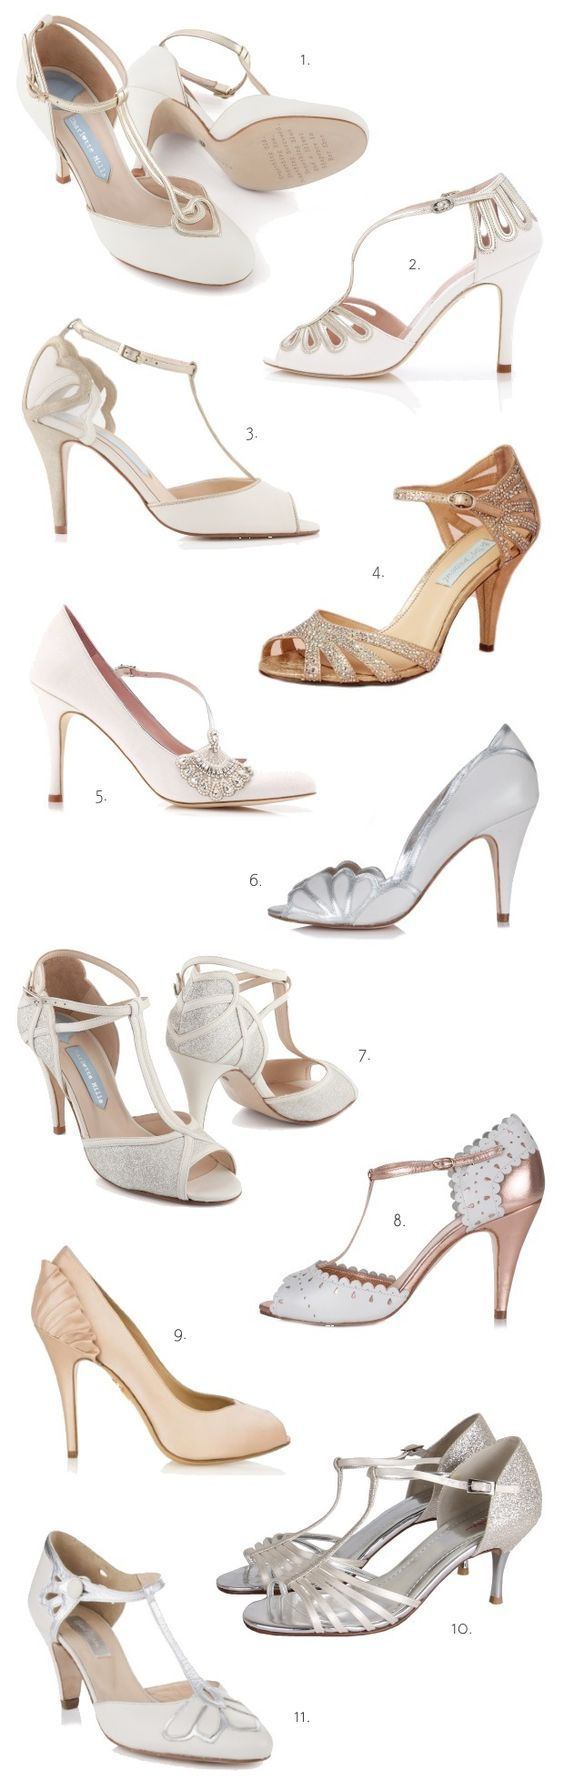 Vintage wedding heels! Kitten heels, rose gold, silver heels, gold heels, nude heels